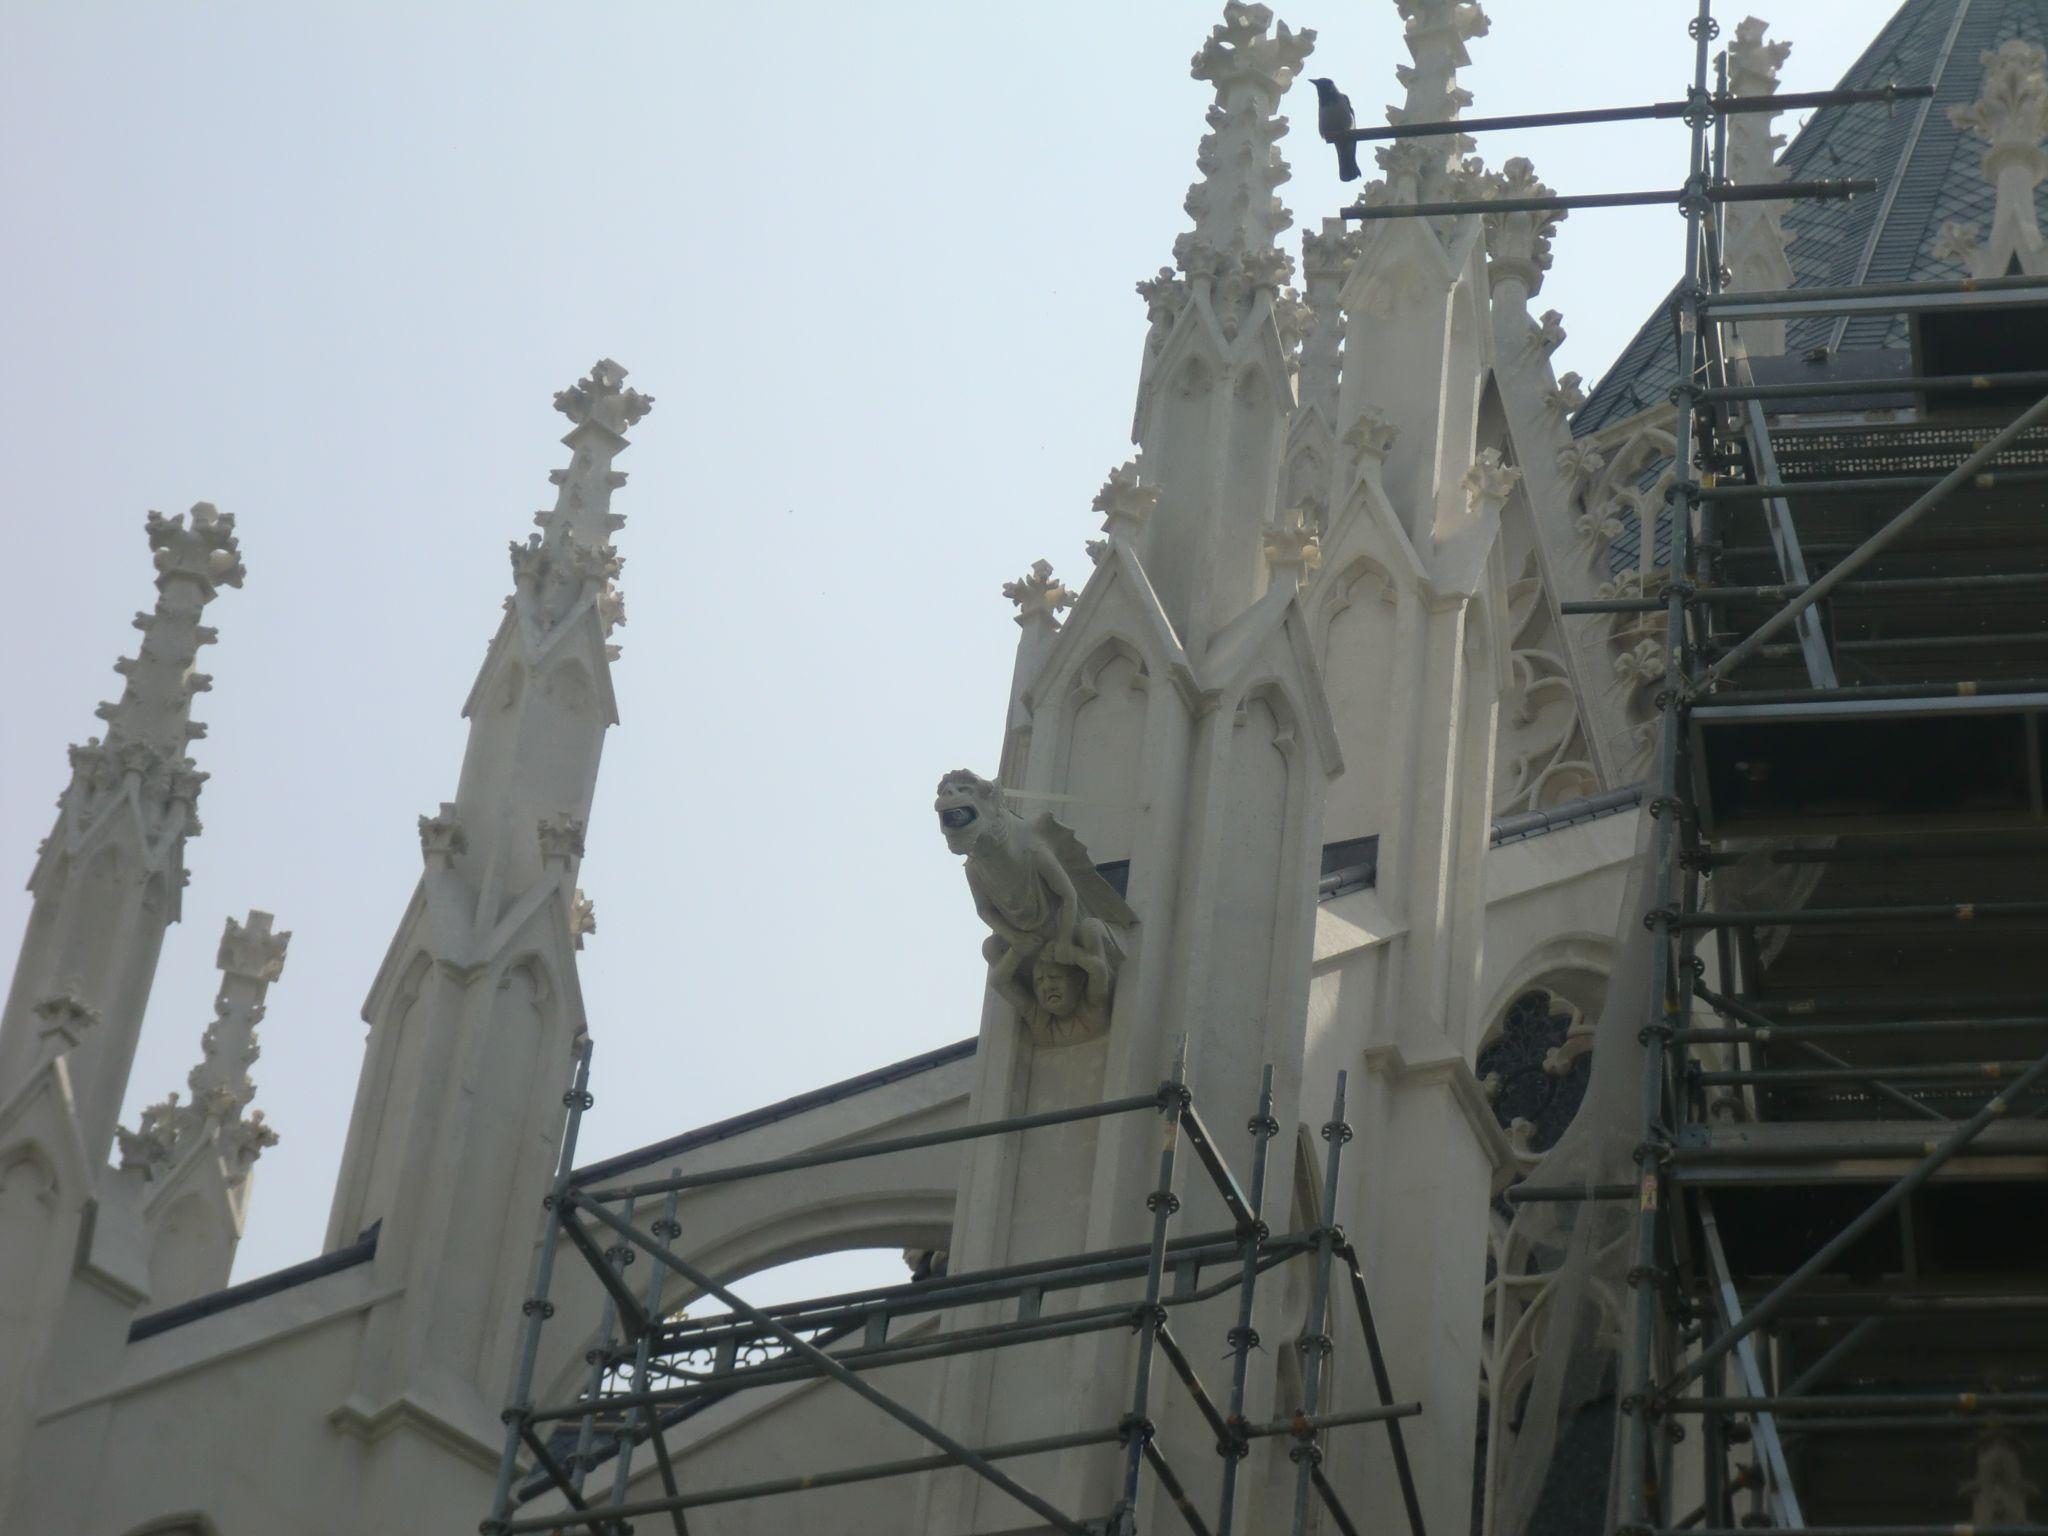 Vienna cathedral 55 1440x1080 - Vienna: elegant beauty